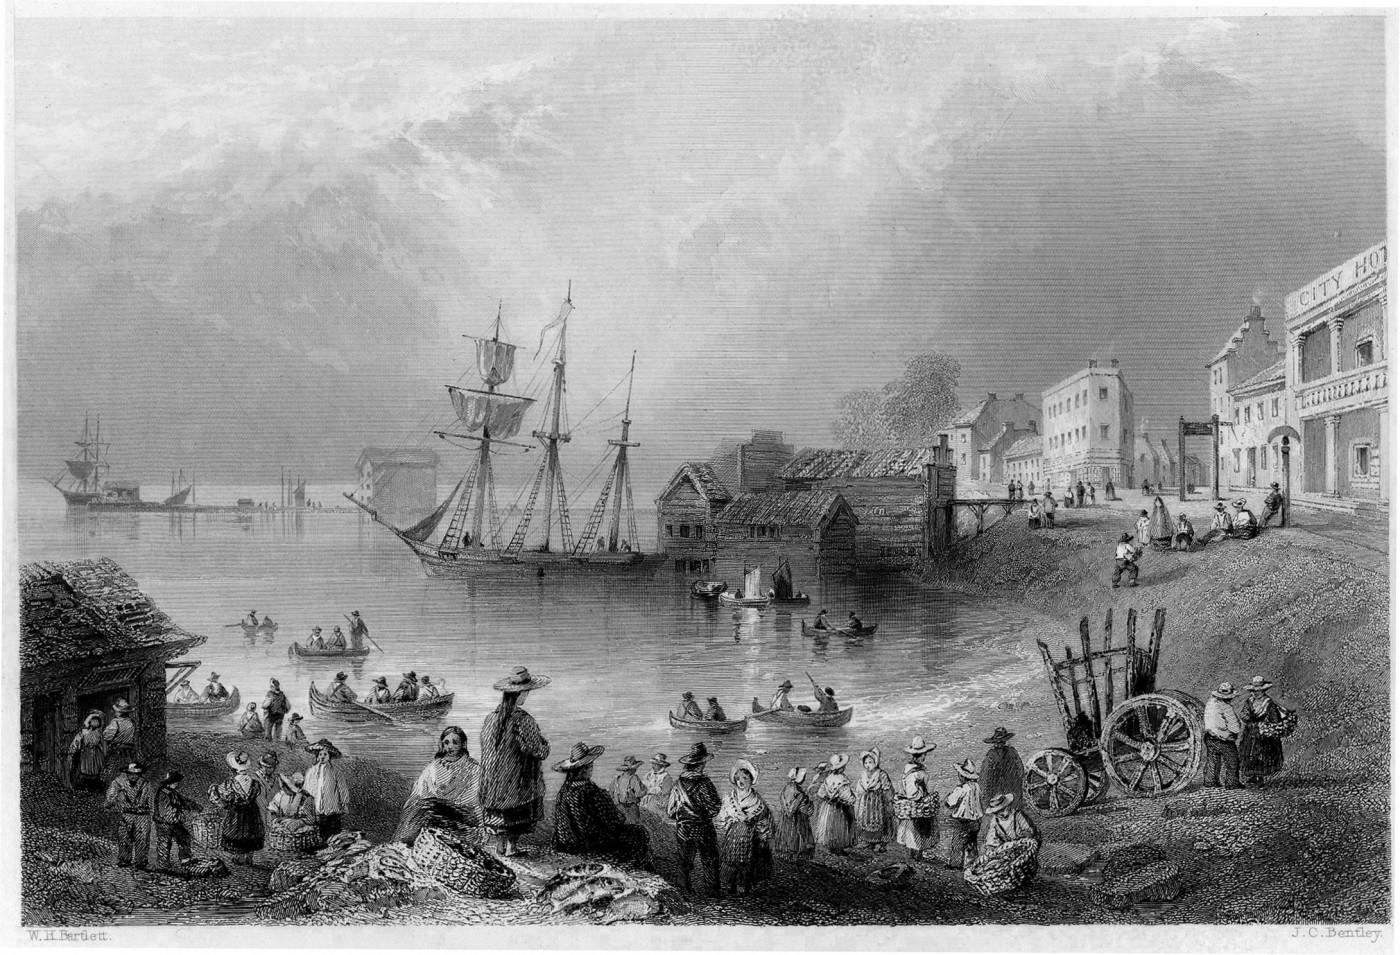 William Bartlett, </span><span><em>Fish Market, Toronto</em>, </span><span>1842 steel engraving based on 1838 in-situ rendering